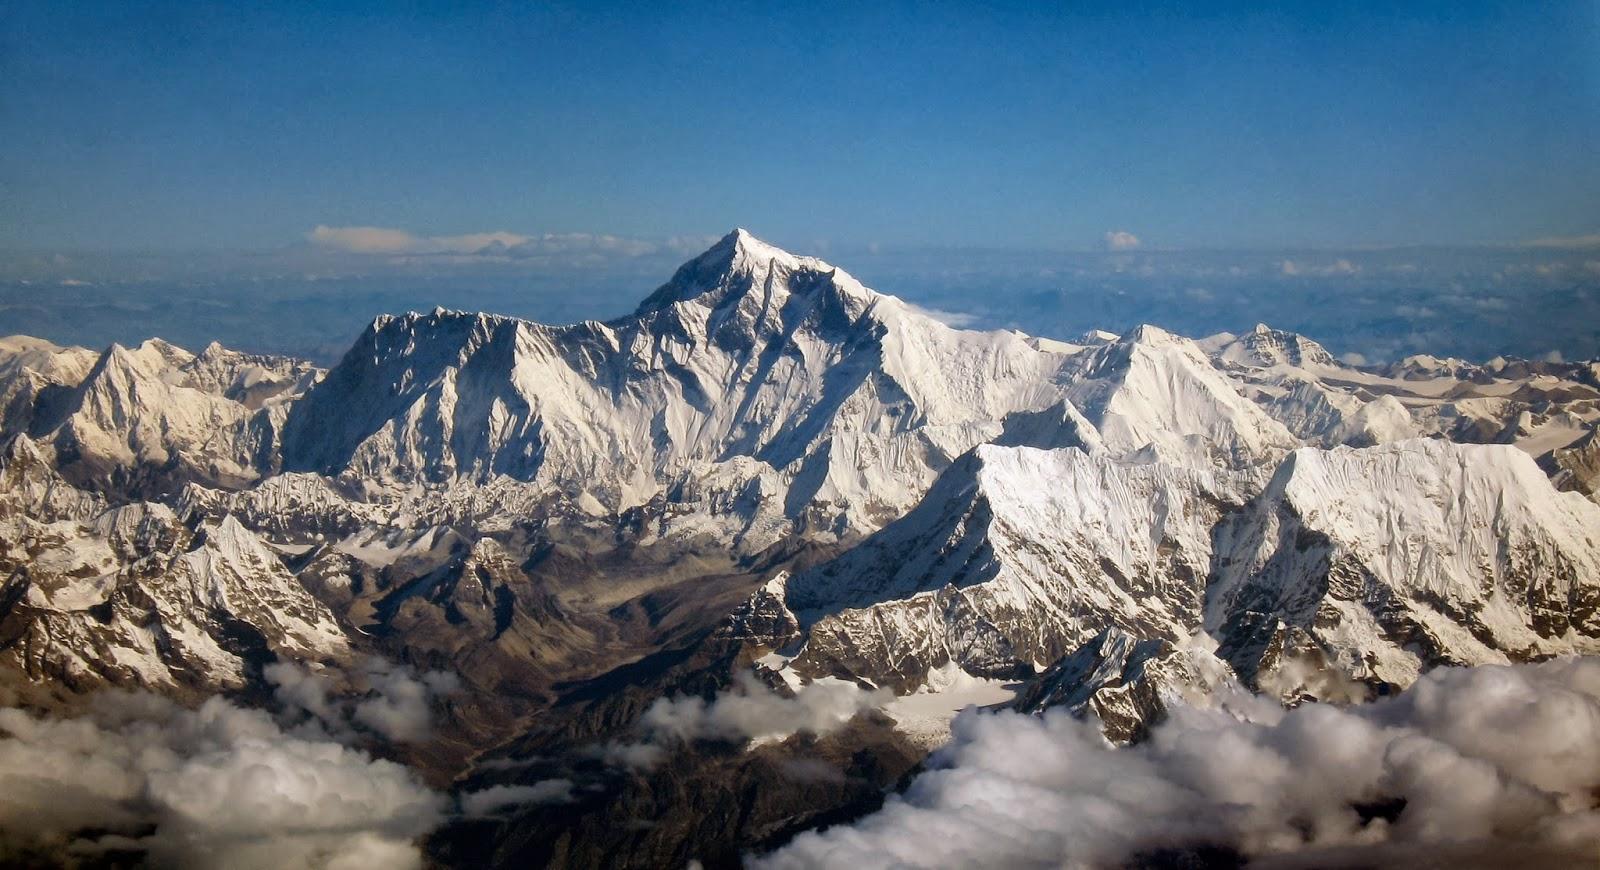 http://en.wikipedia.org/wiki/Mount_Everest